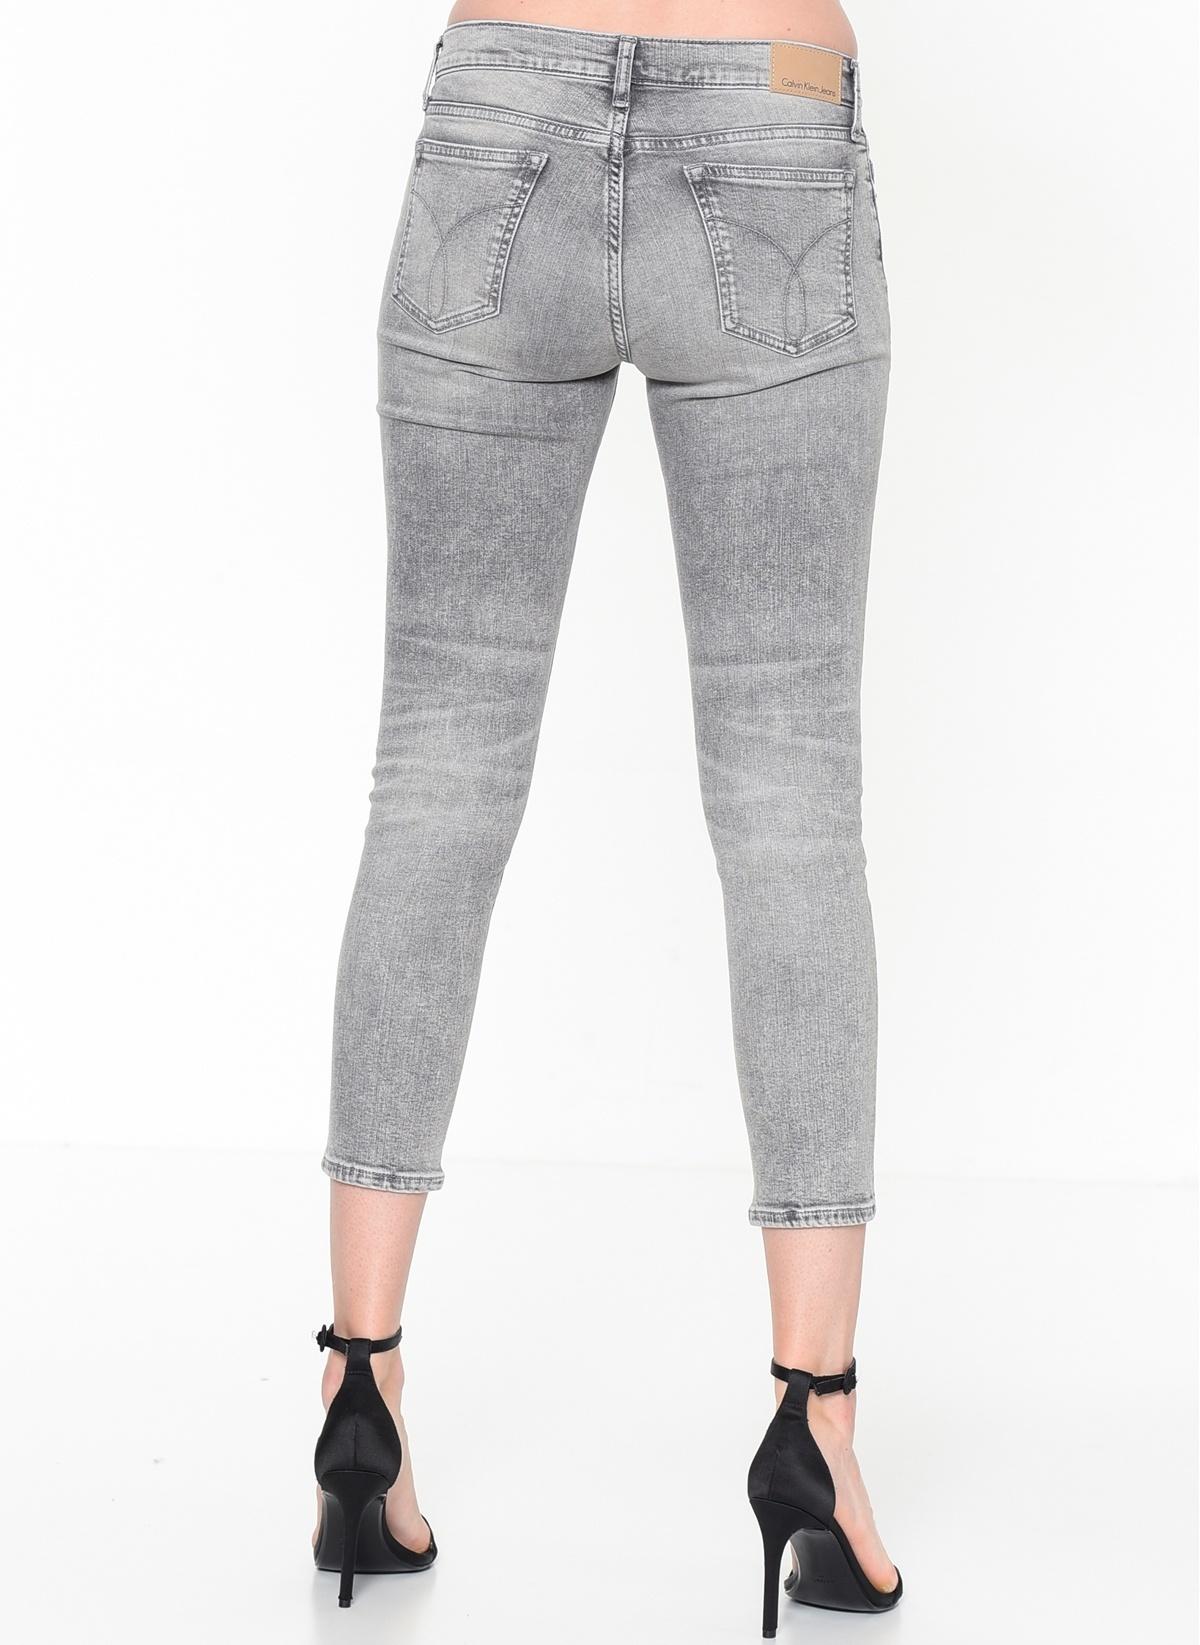 Indirimli erkek jean pantolon